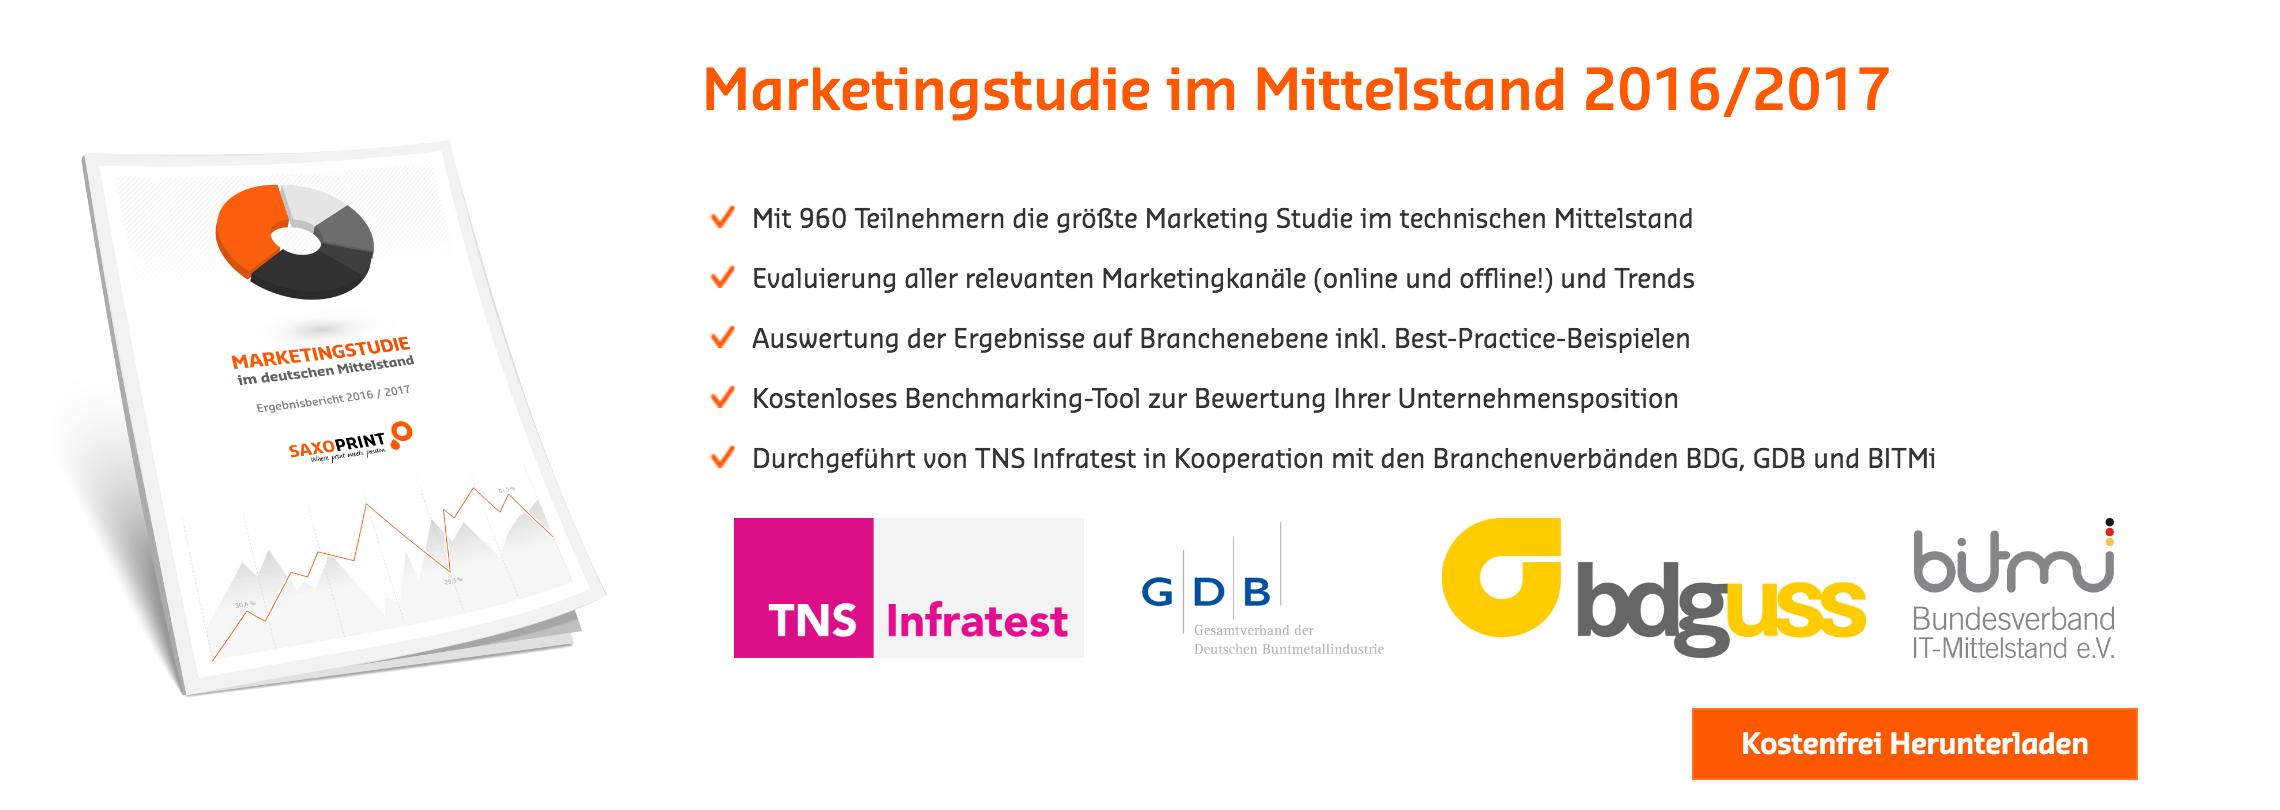 B2B Content Marketing Beispiel 1